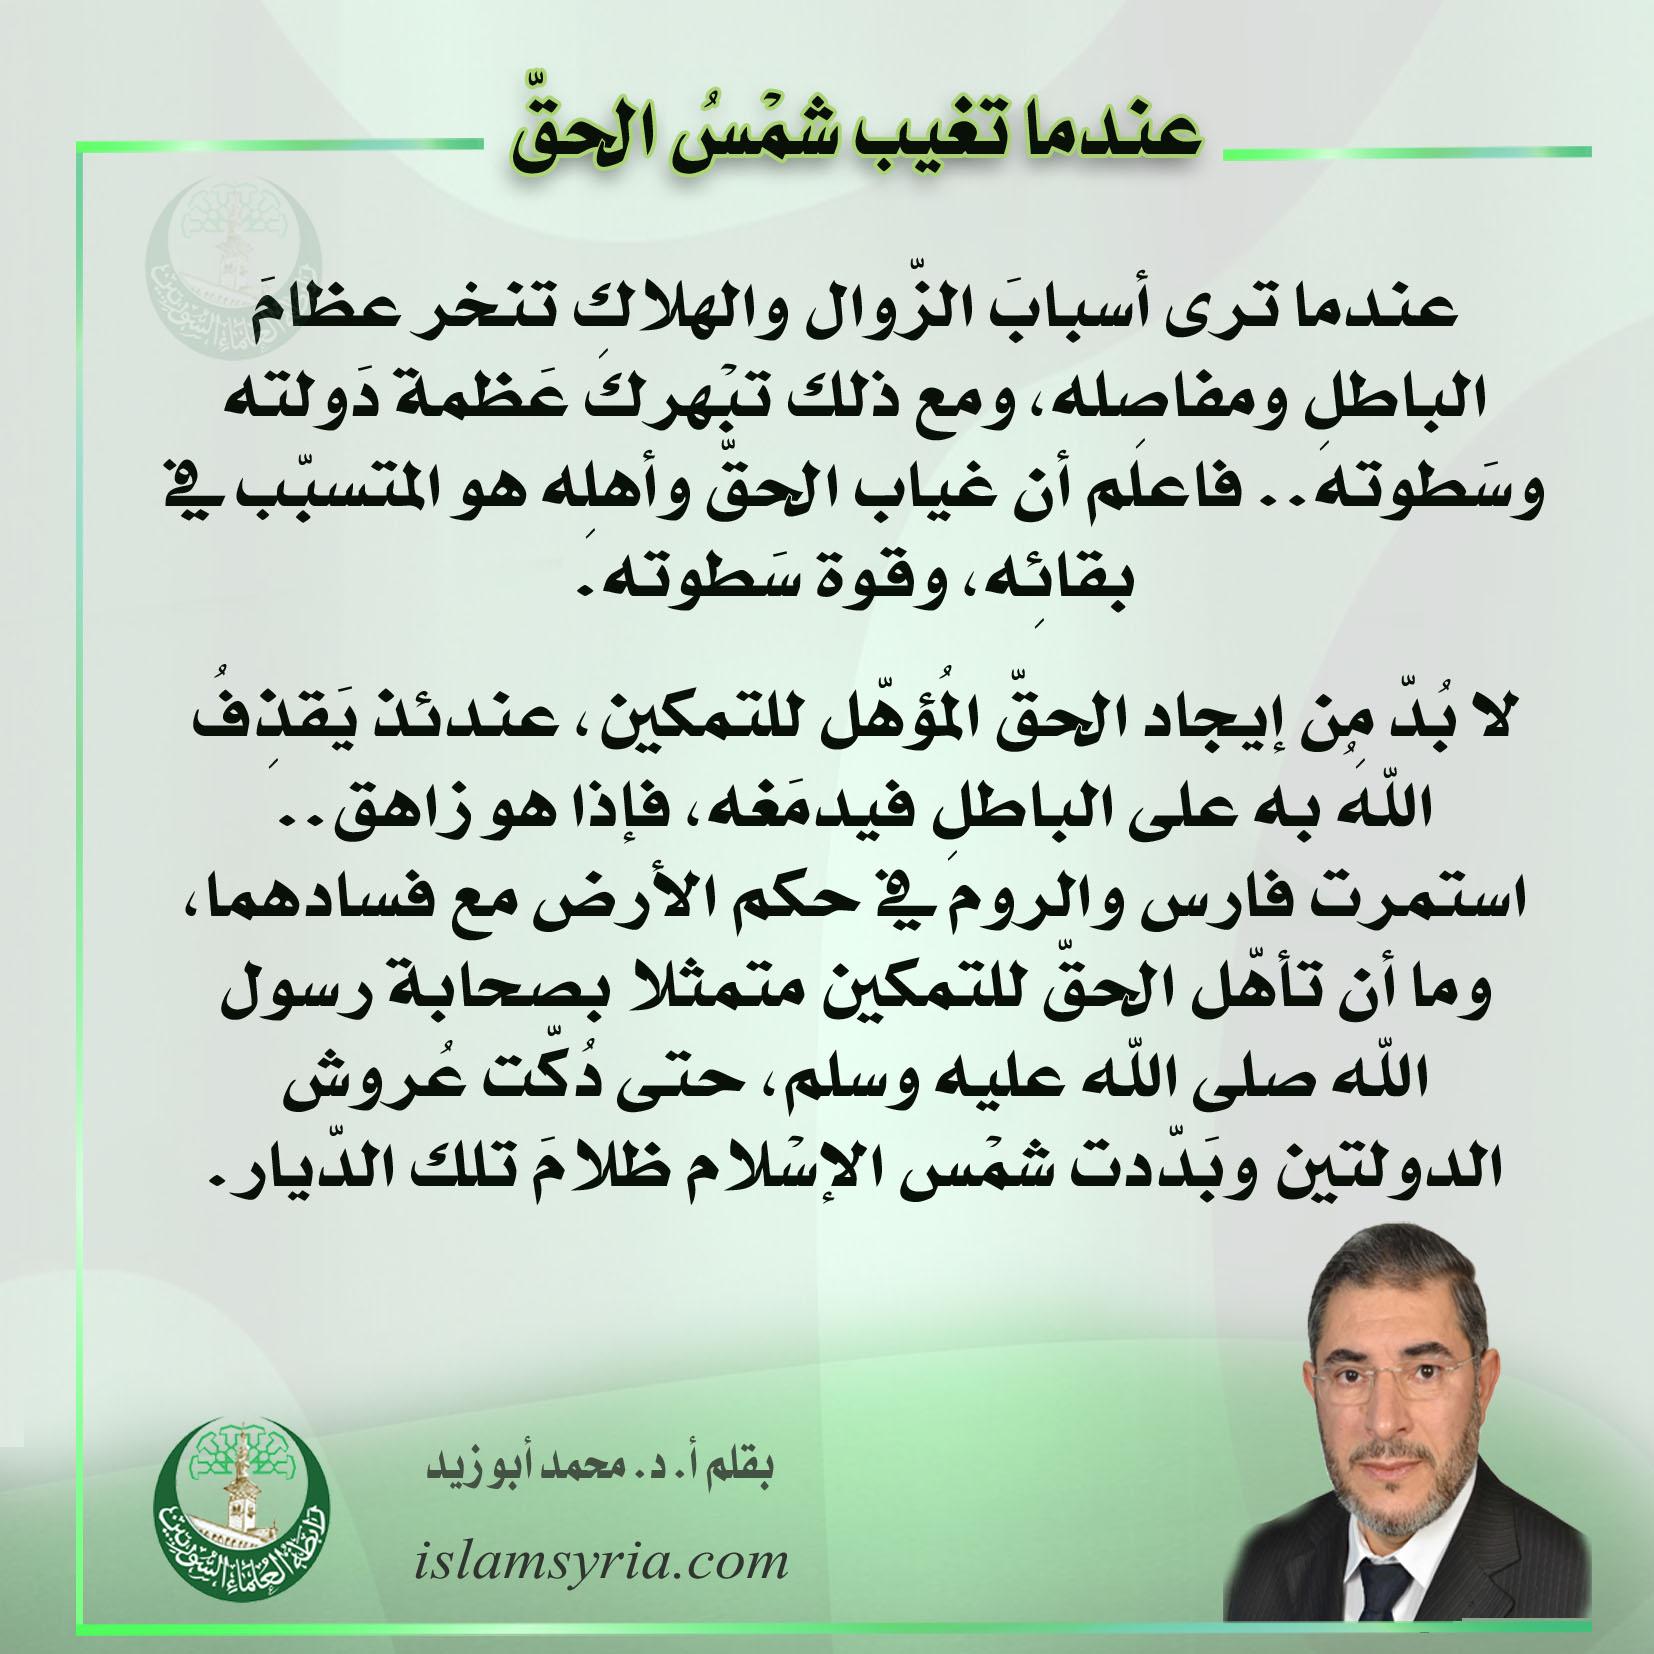 عندما تغيب شمس الحق||د. محمد أبو زيد